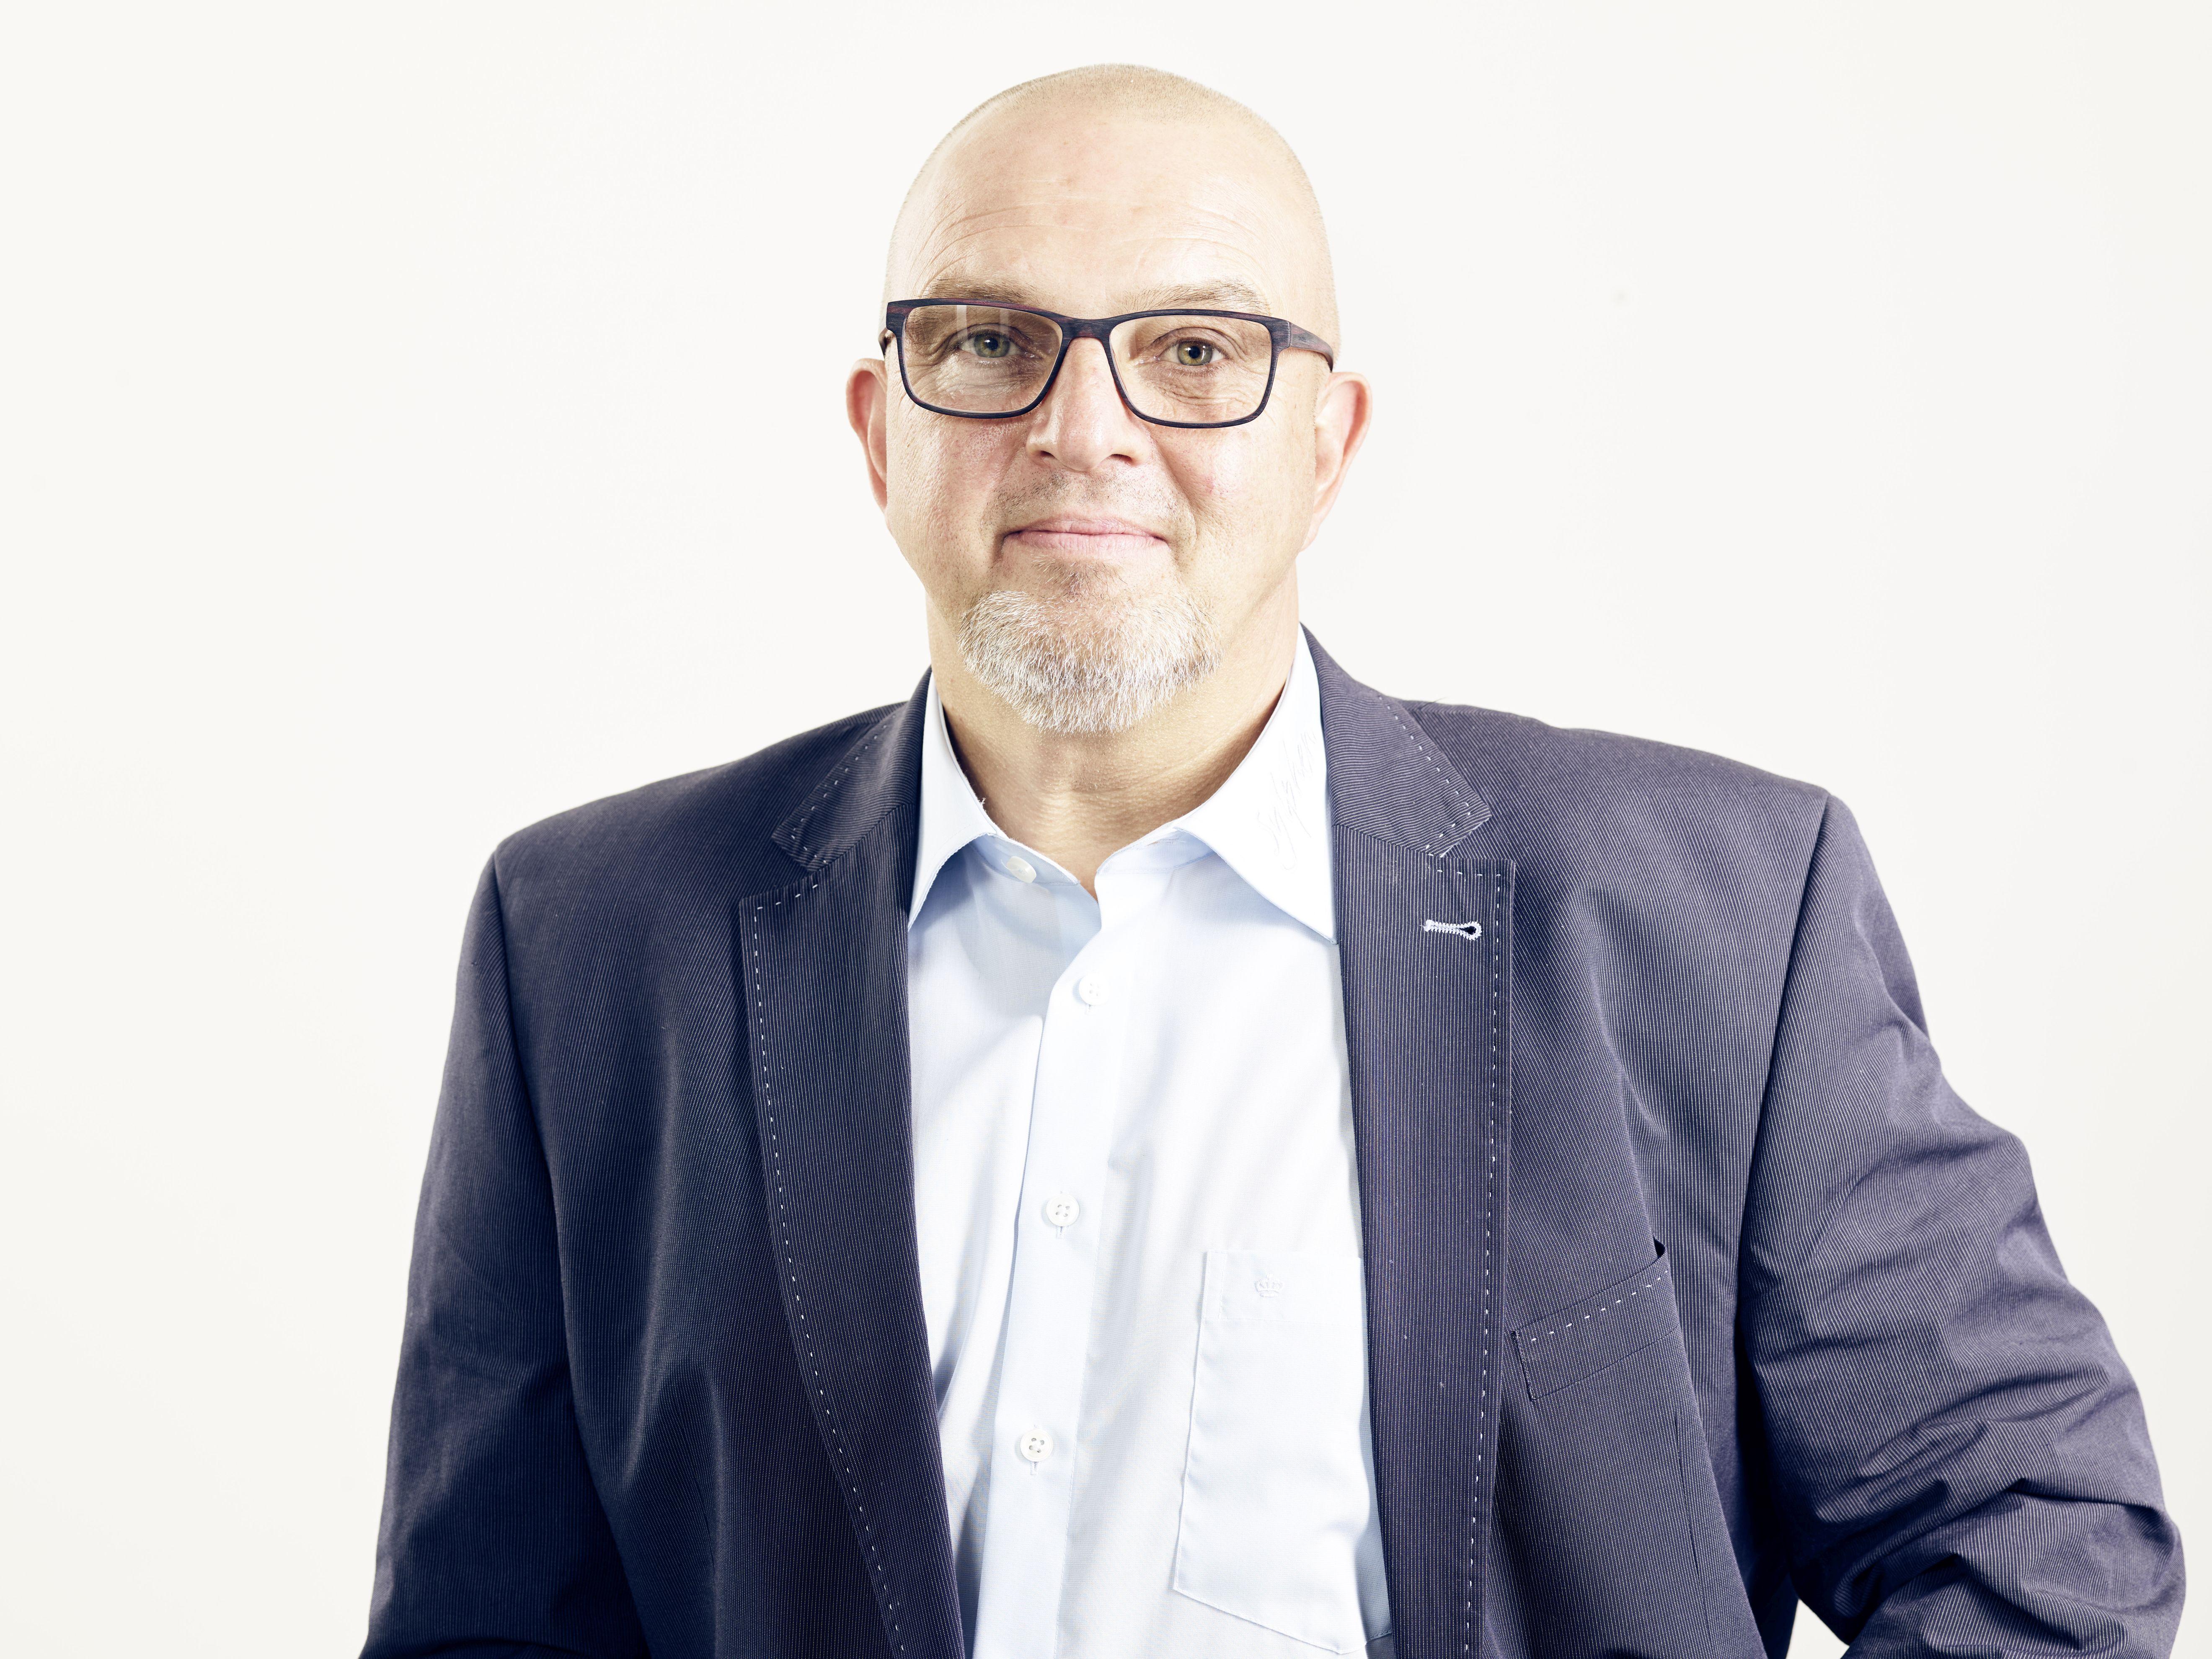 Stefan Kessler